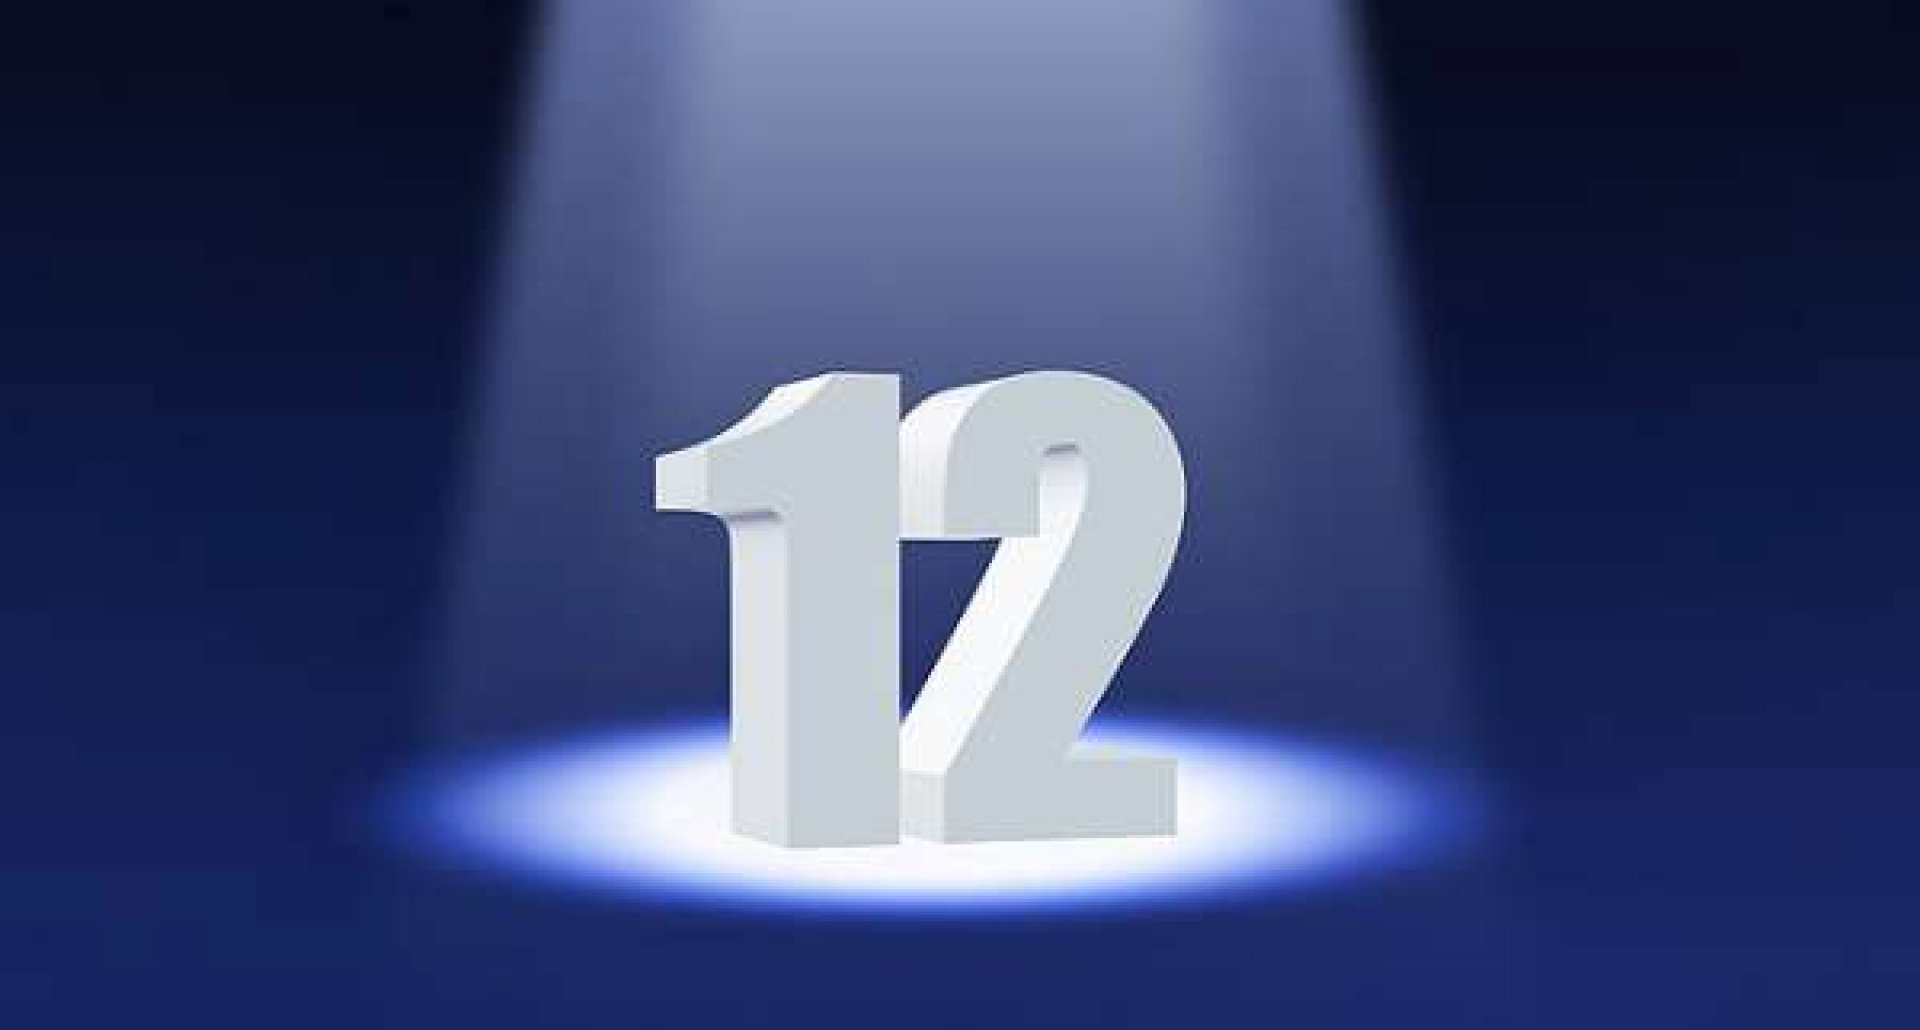 Морската медия празнува 12-тия си рожден ден